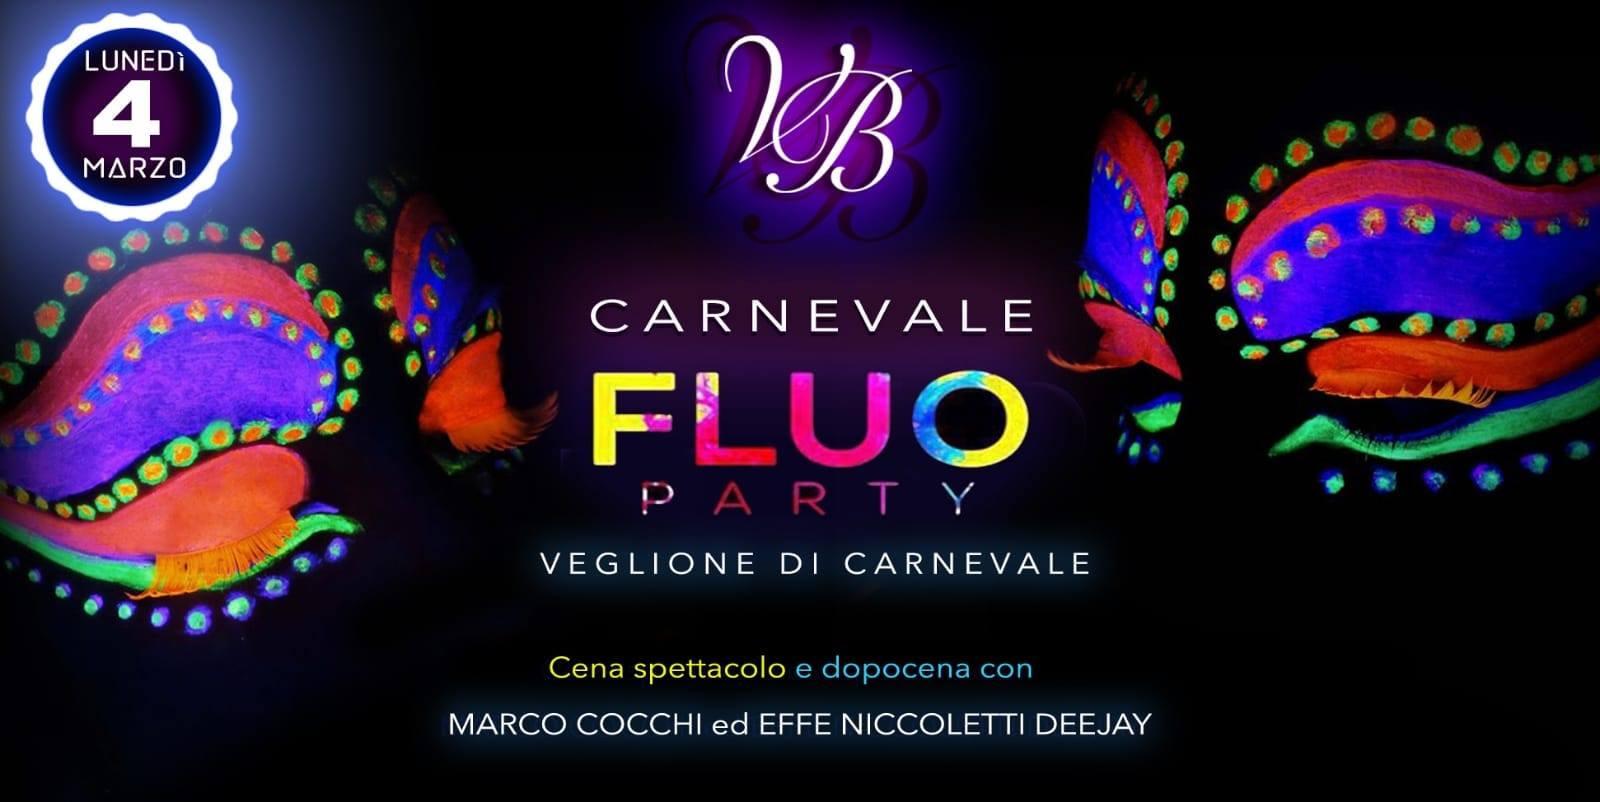 Veglione di carnevale FLUO PARTY VILLA BIANCA 4 MARZO